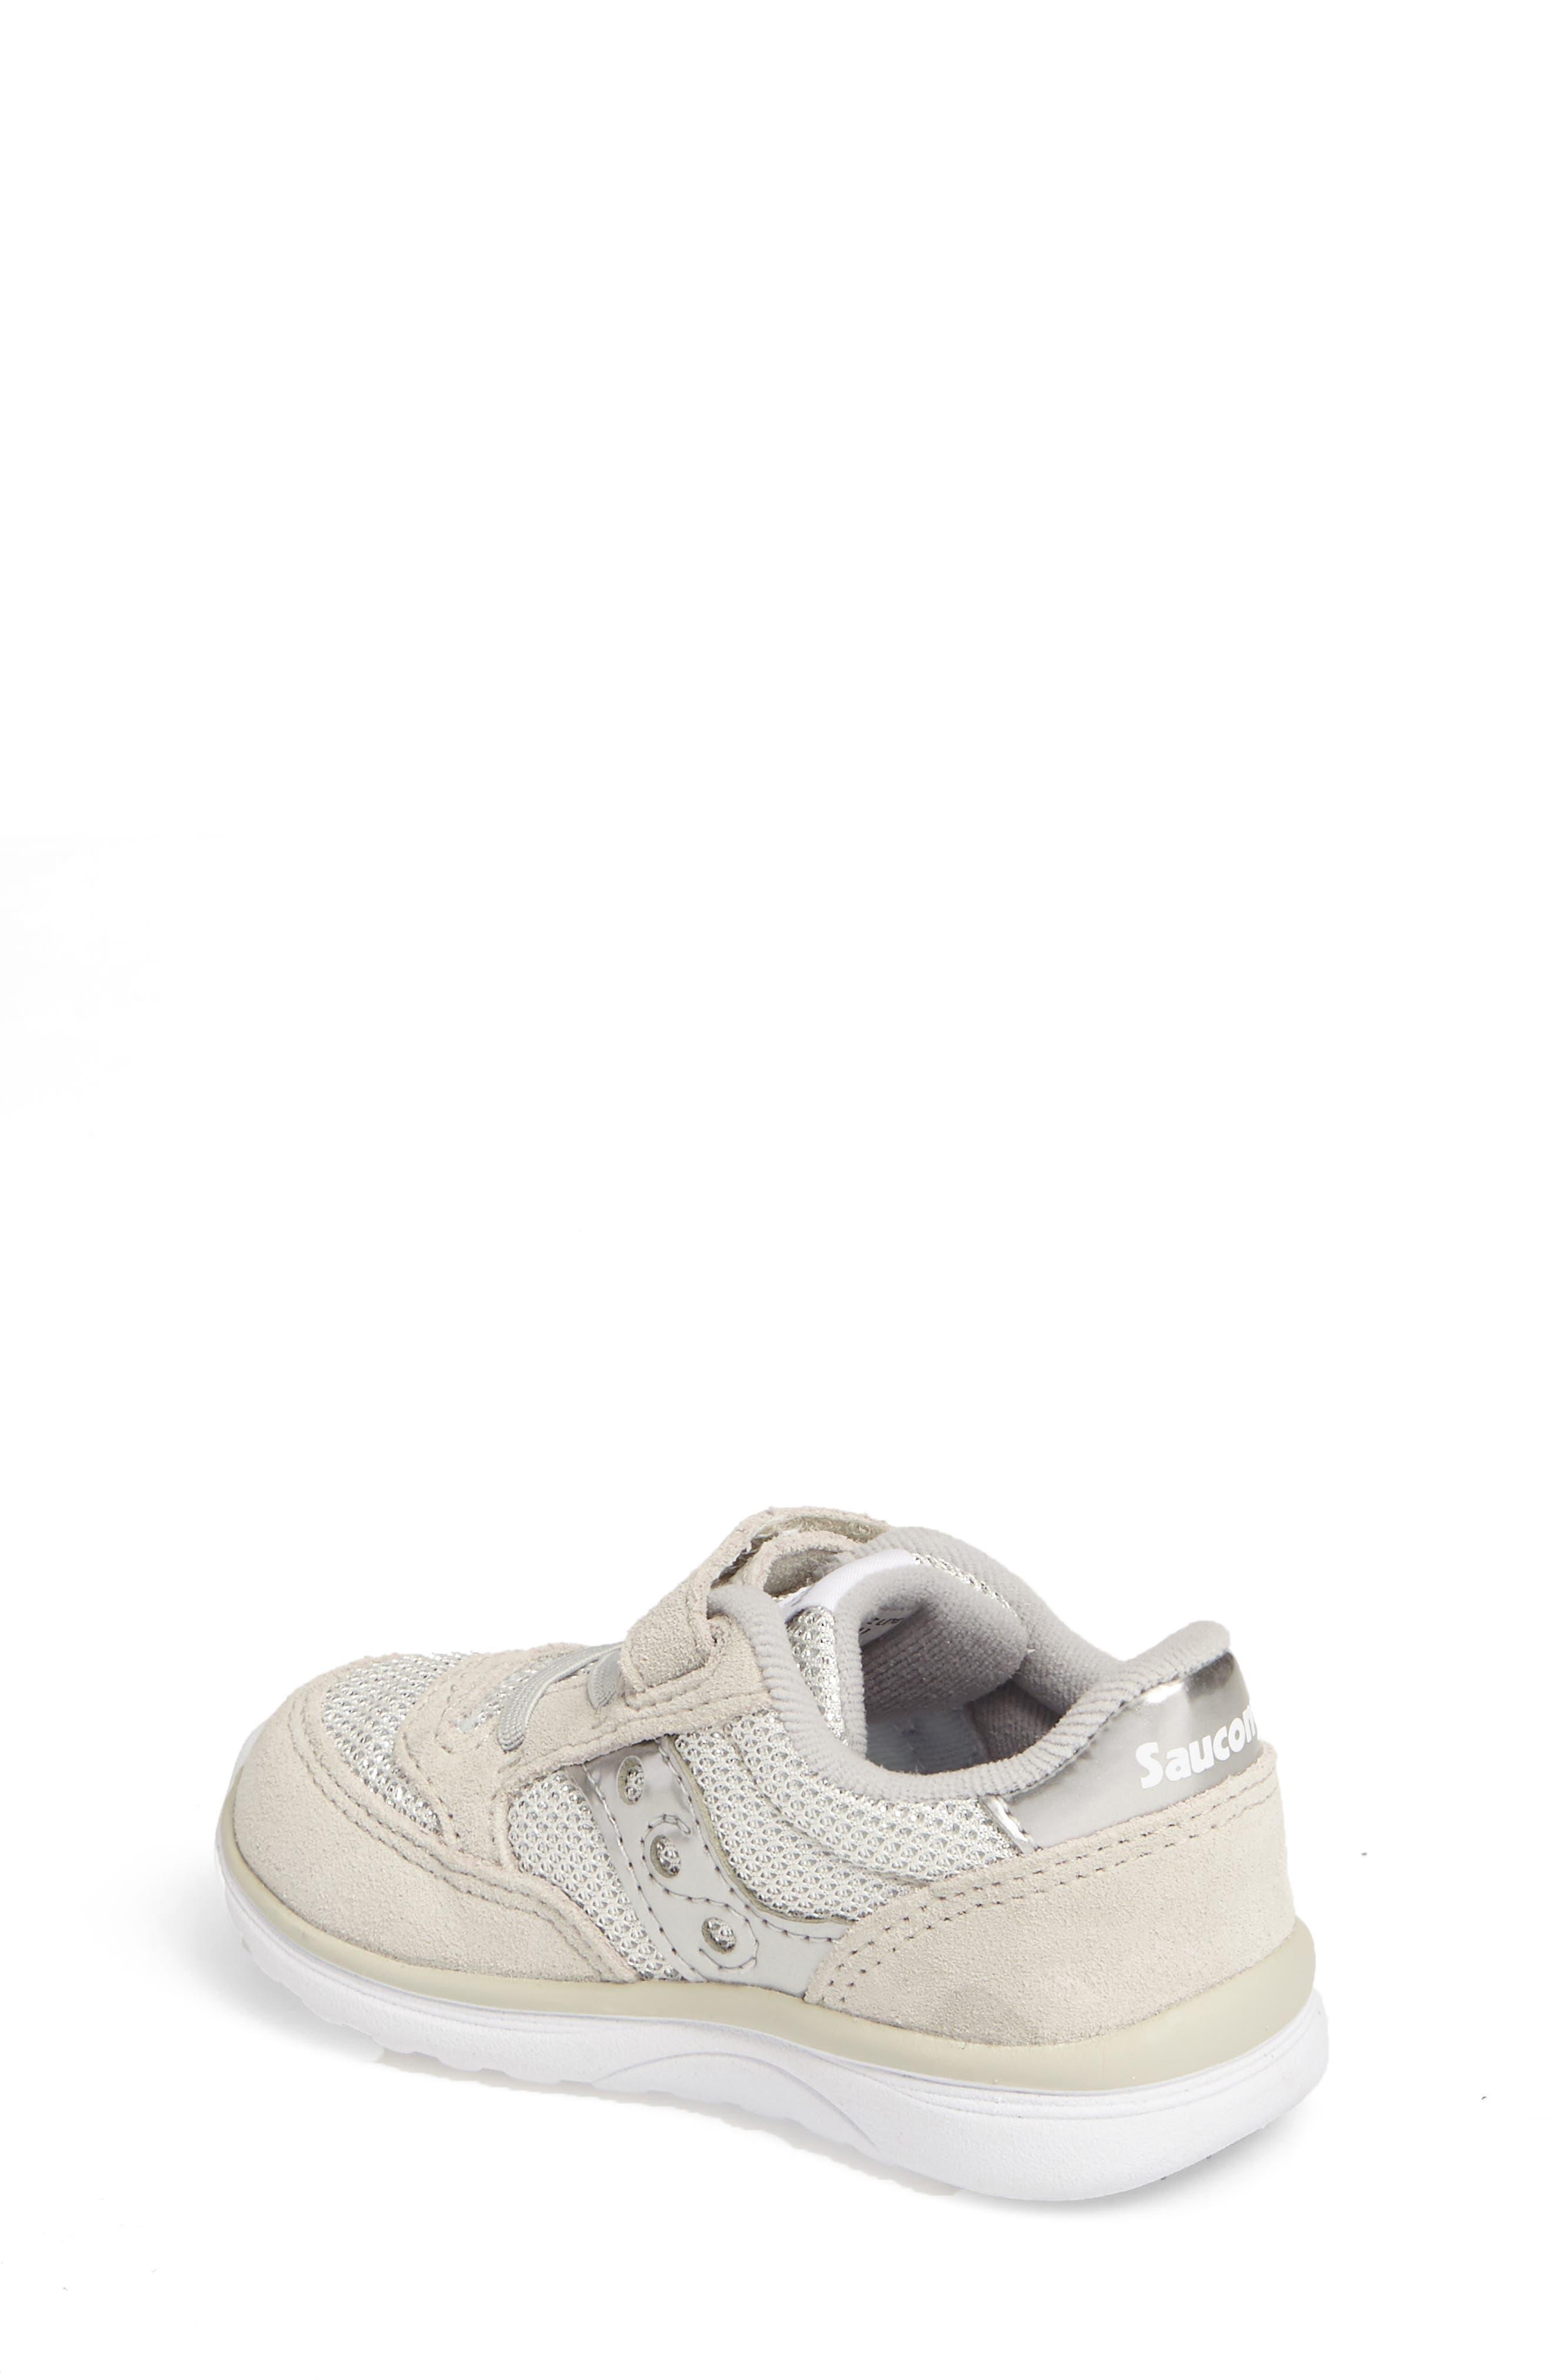 Jazz Lite Sneaker,                             Alternate thumbnail 2, color,                             040